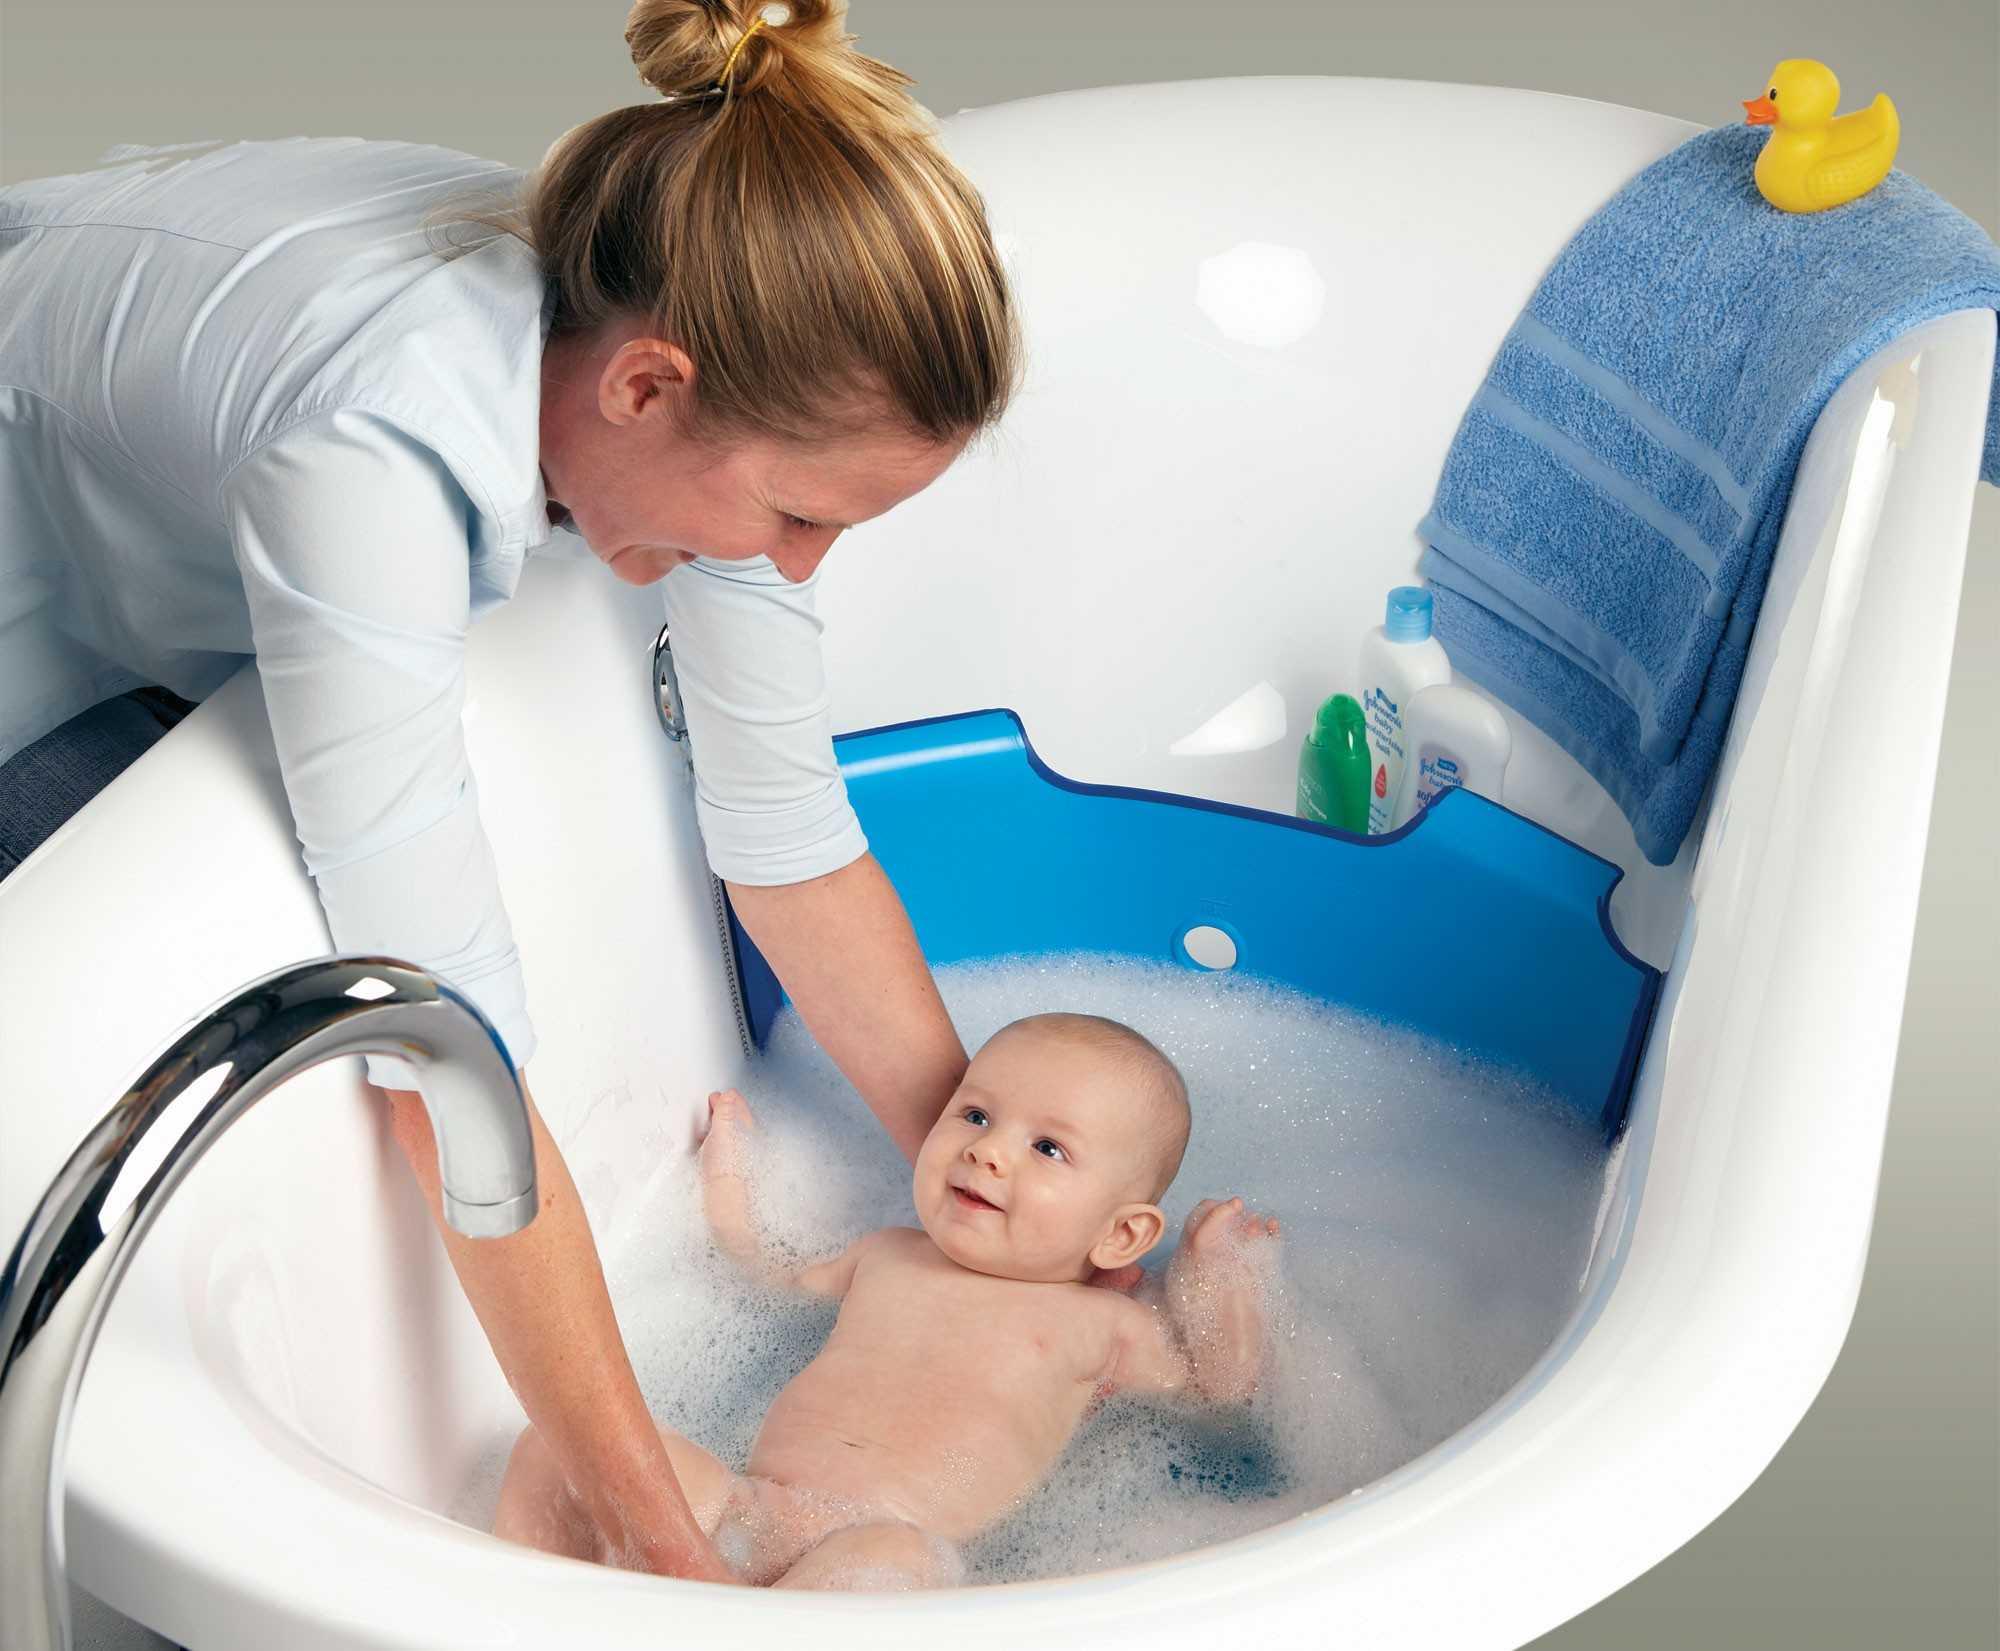 Насколько безопасно купание новорождённого в марганцовке